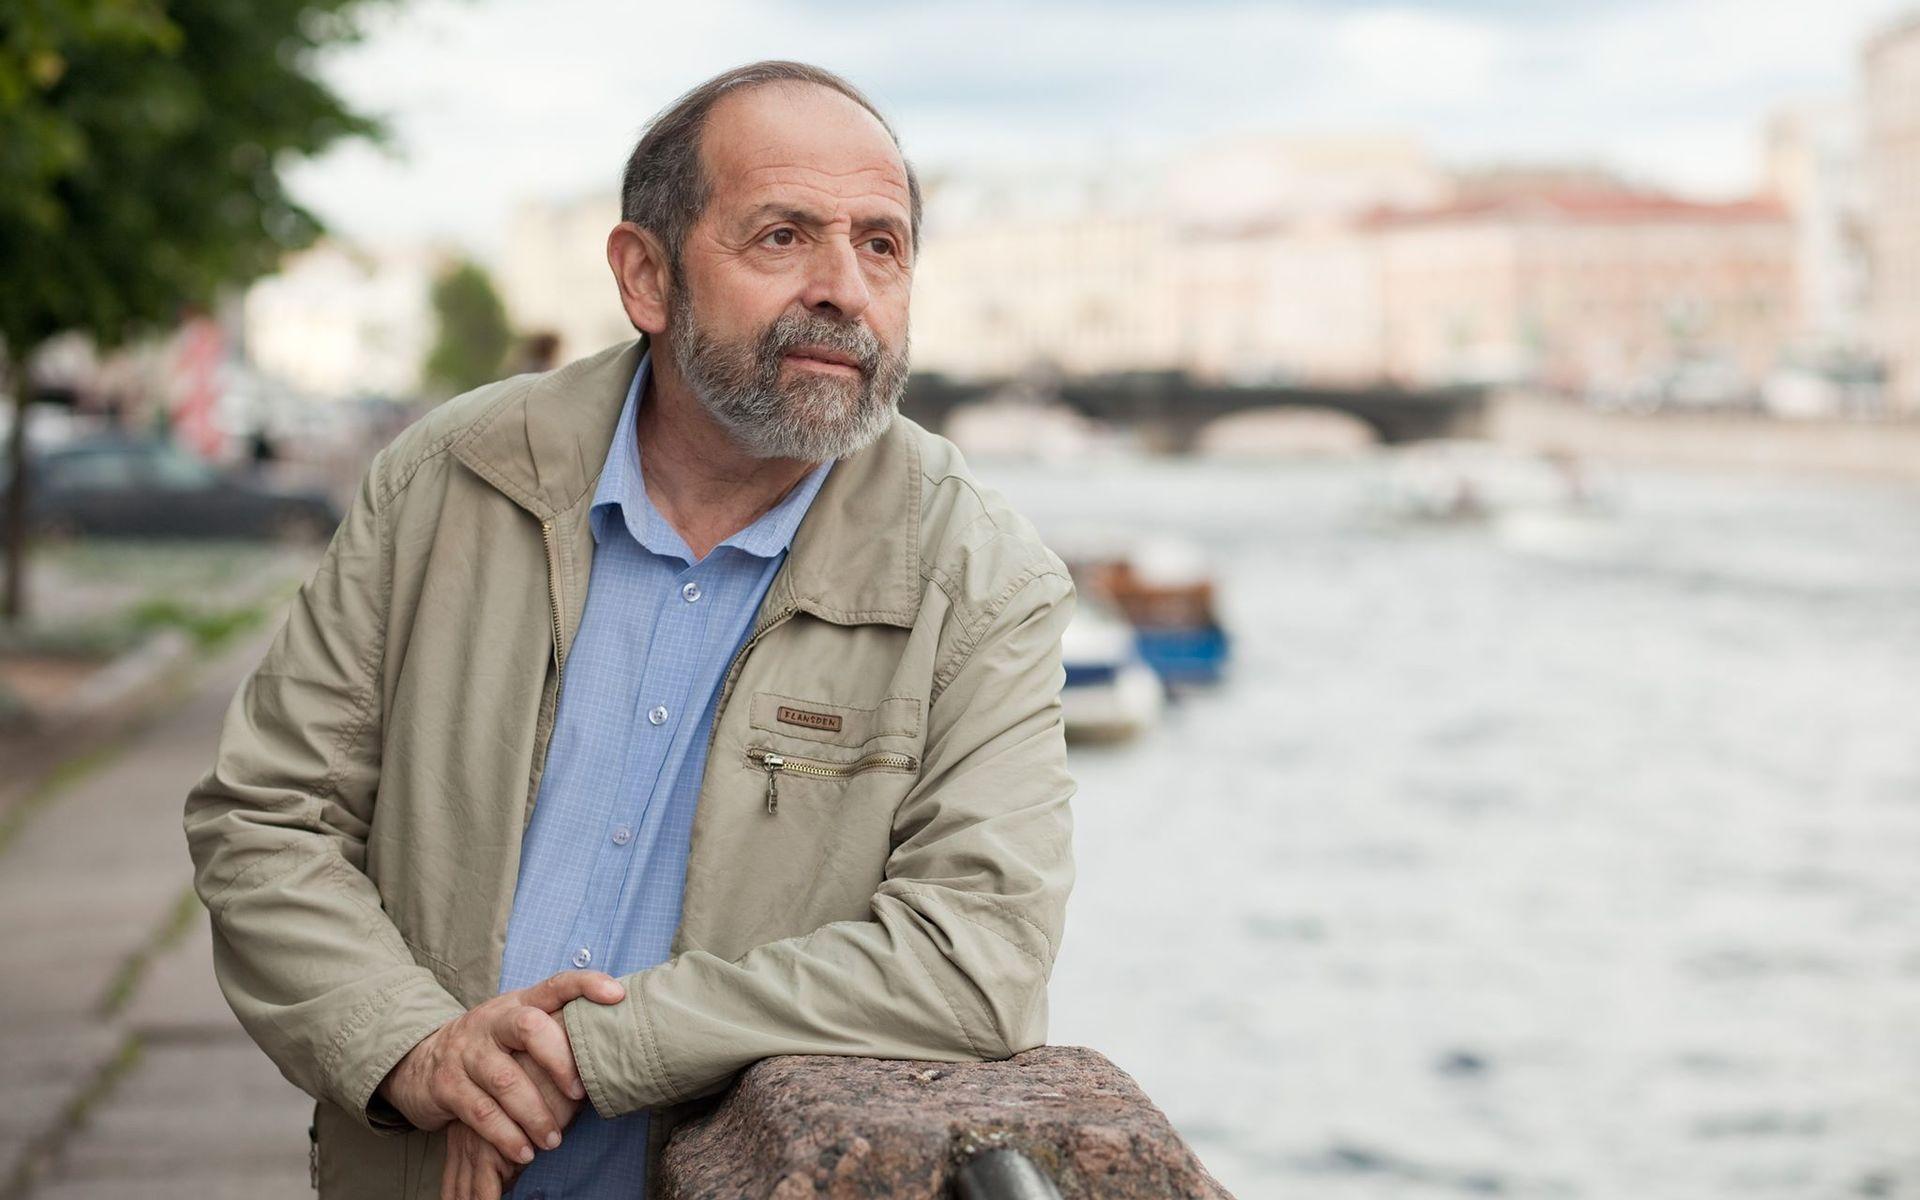 Вишневского могут посадить в тюрьму за поддержку терроризма